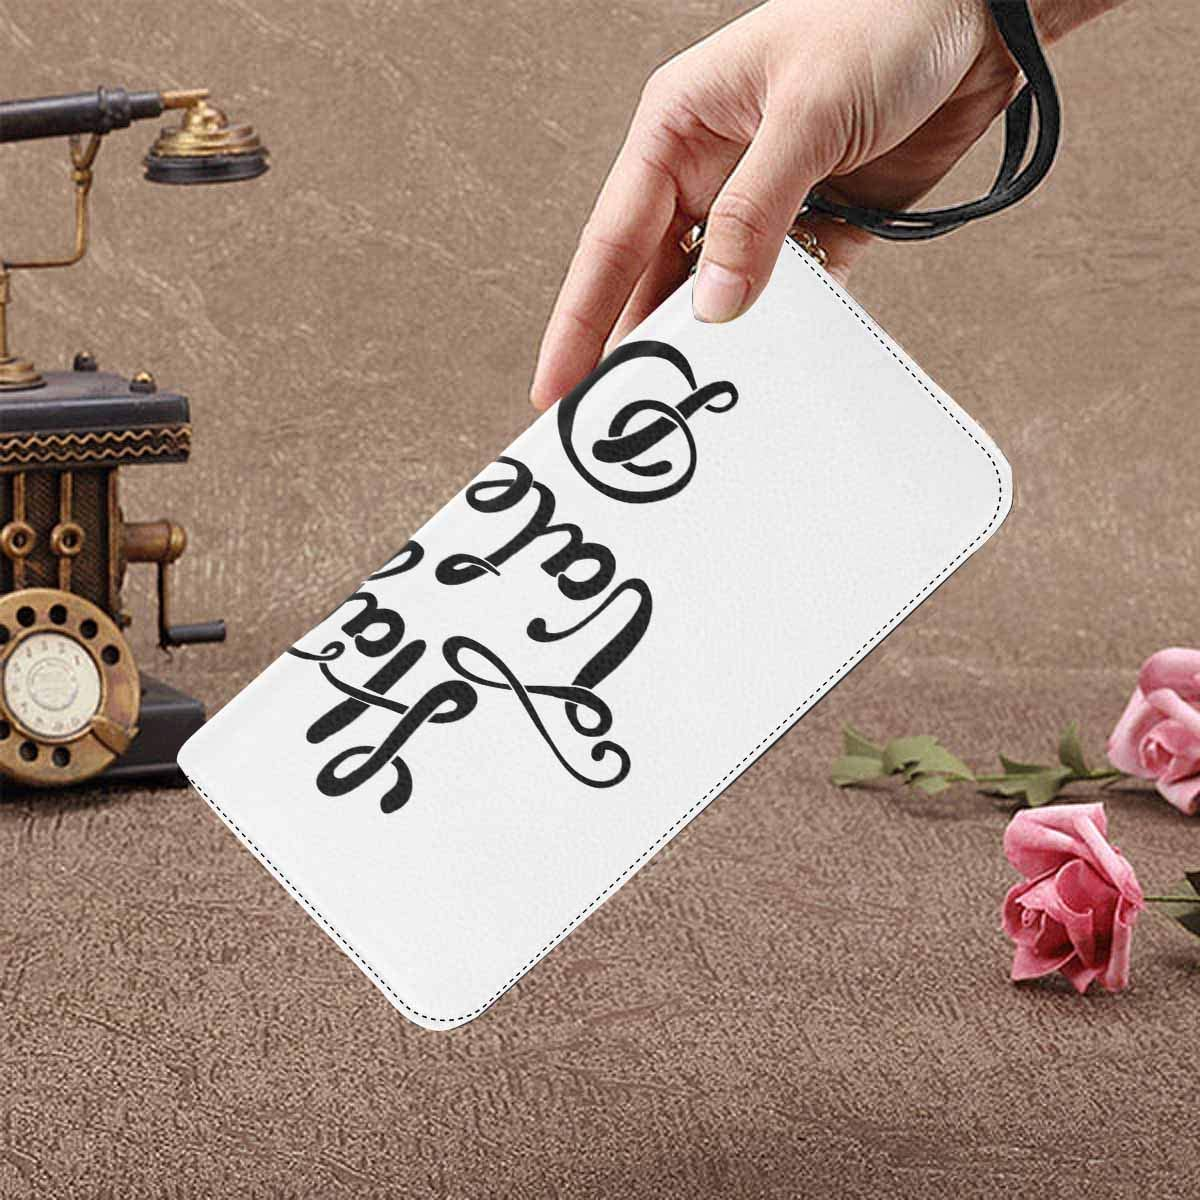 InterestPrint Womens Valentines Skeletons Love Clutch Purse Card Holder Organizer Ladies Purse